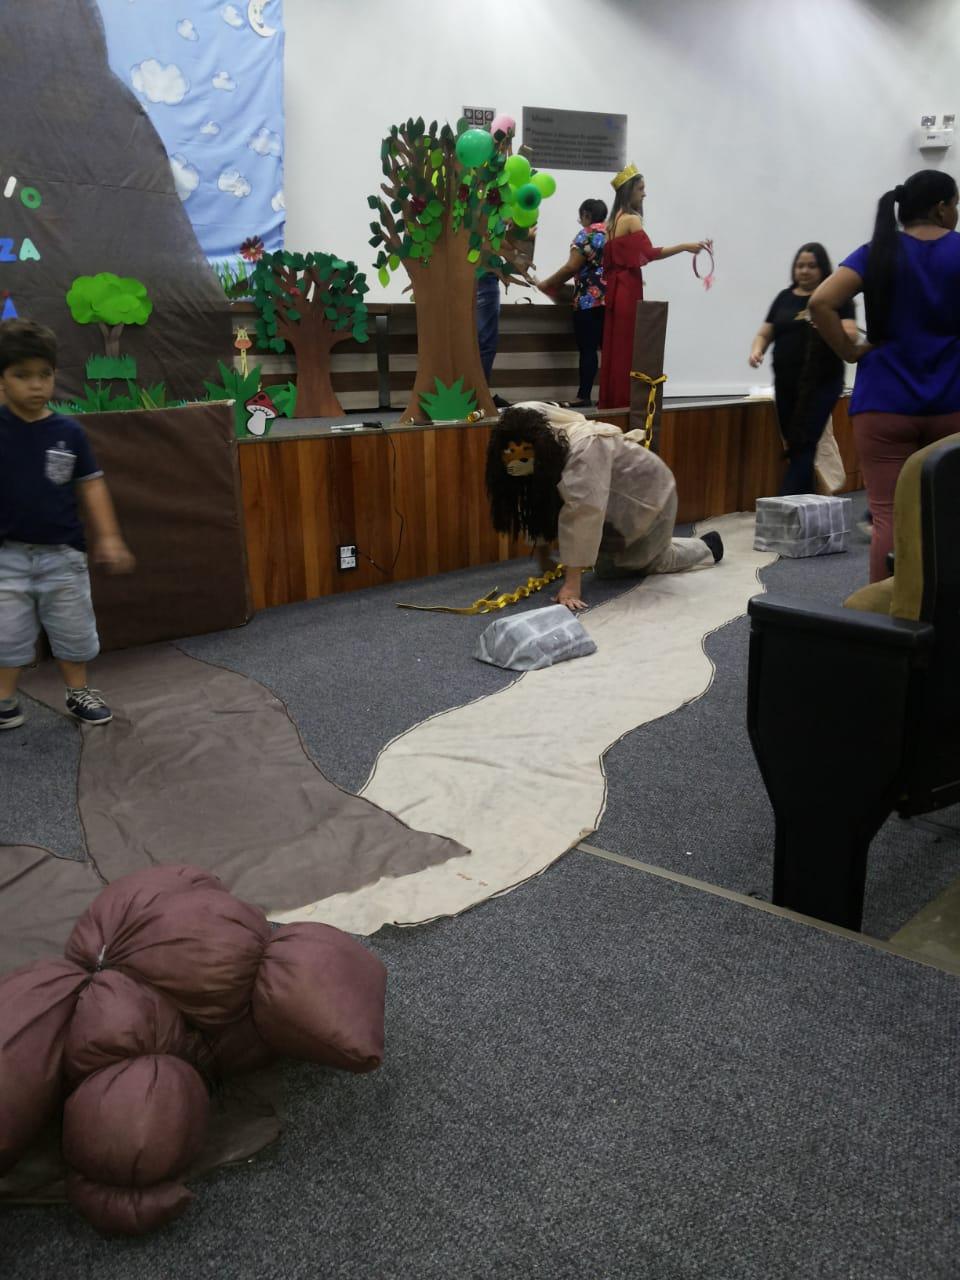 fotos convenção 2019 aula crianças domingo manhã 03-03_2019 (16)